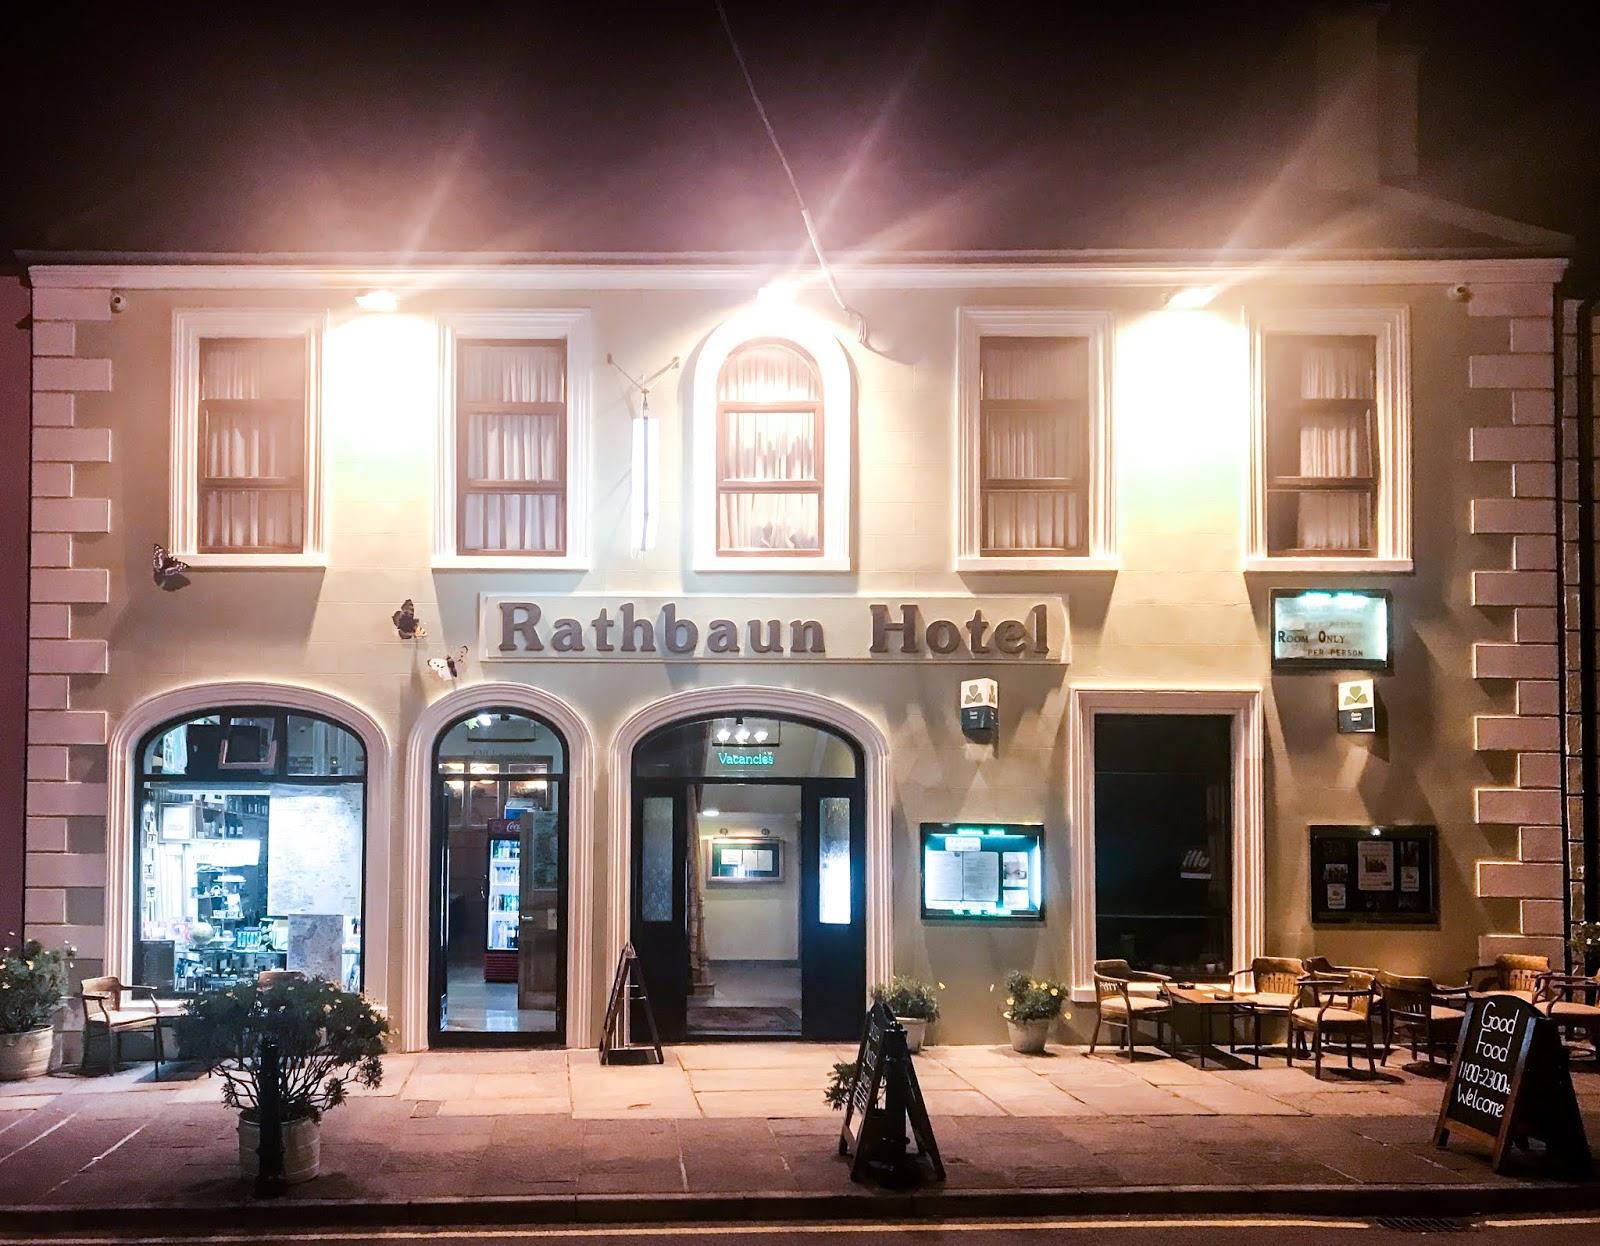 Rathbaun Hotel